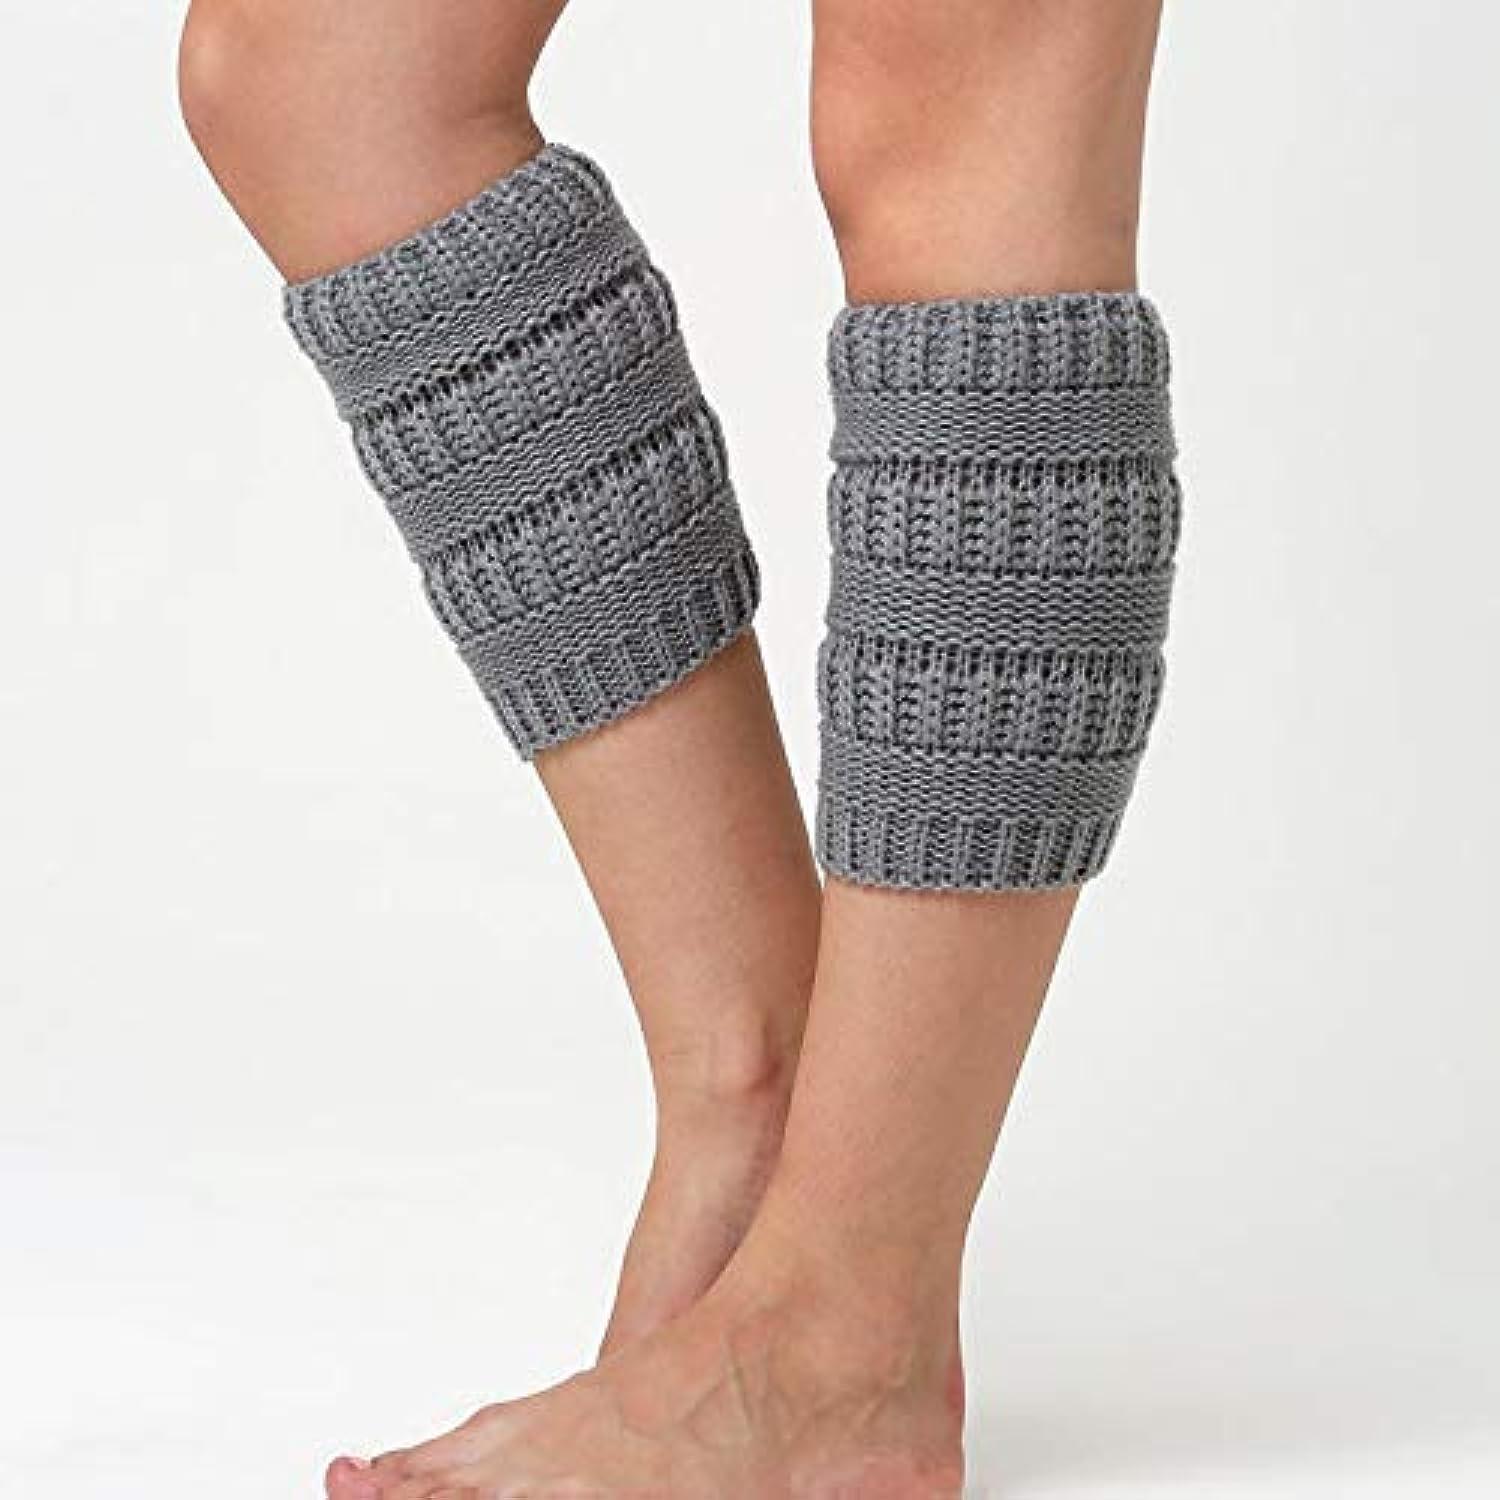 VEA-DE Warm Leg Sets Socken, Europa und die Vereinigten Staaten Staaten Staaten gestrickte Leggings Kniesätze Wolle warme Stiefel Set Bein Socken (Farbe  hellgrau) B07NMPDFQV  Britisches Temperament b1c2a5